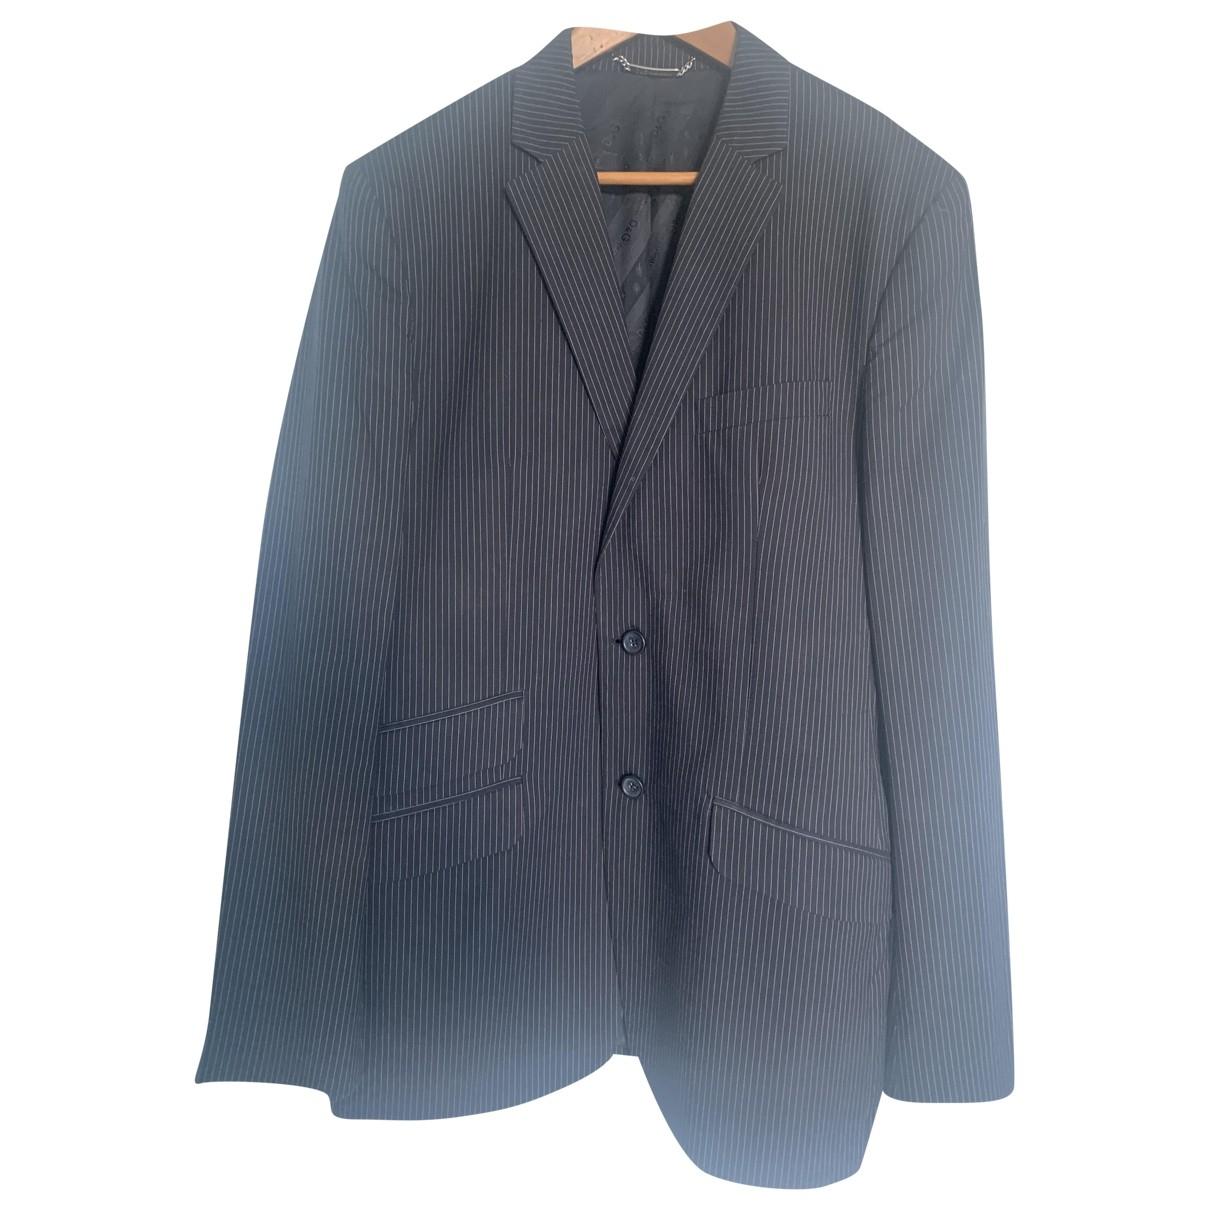 D&g \N Anzuege in  Blau Baumwolle